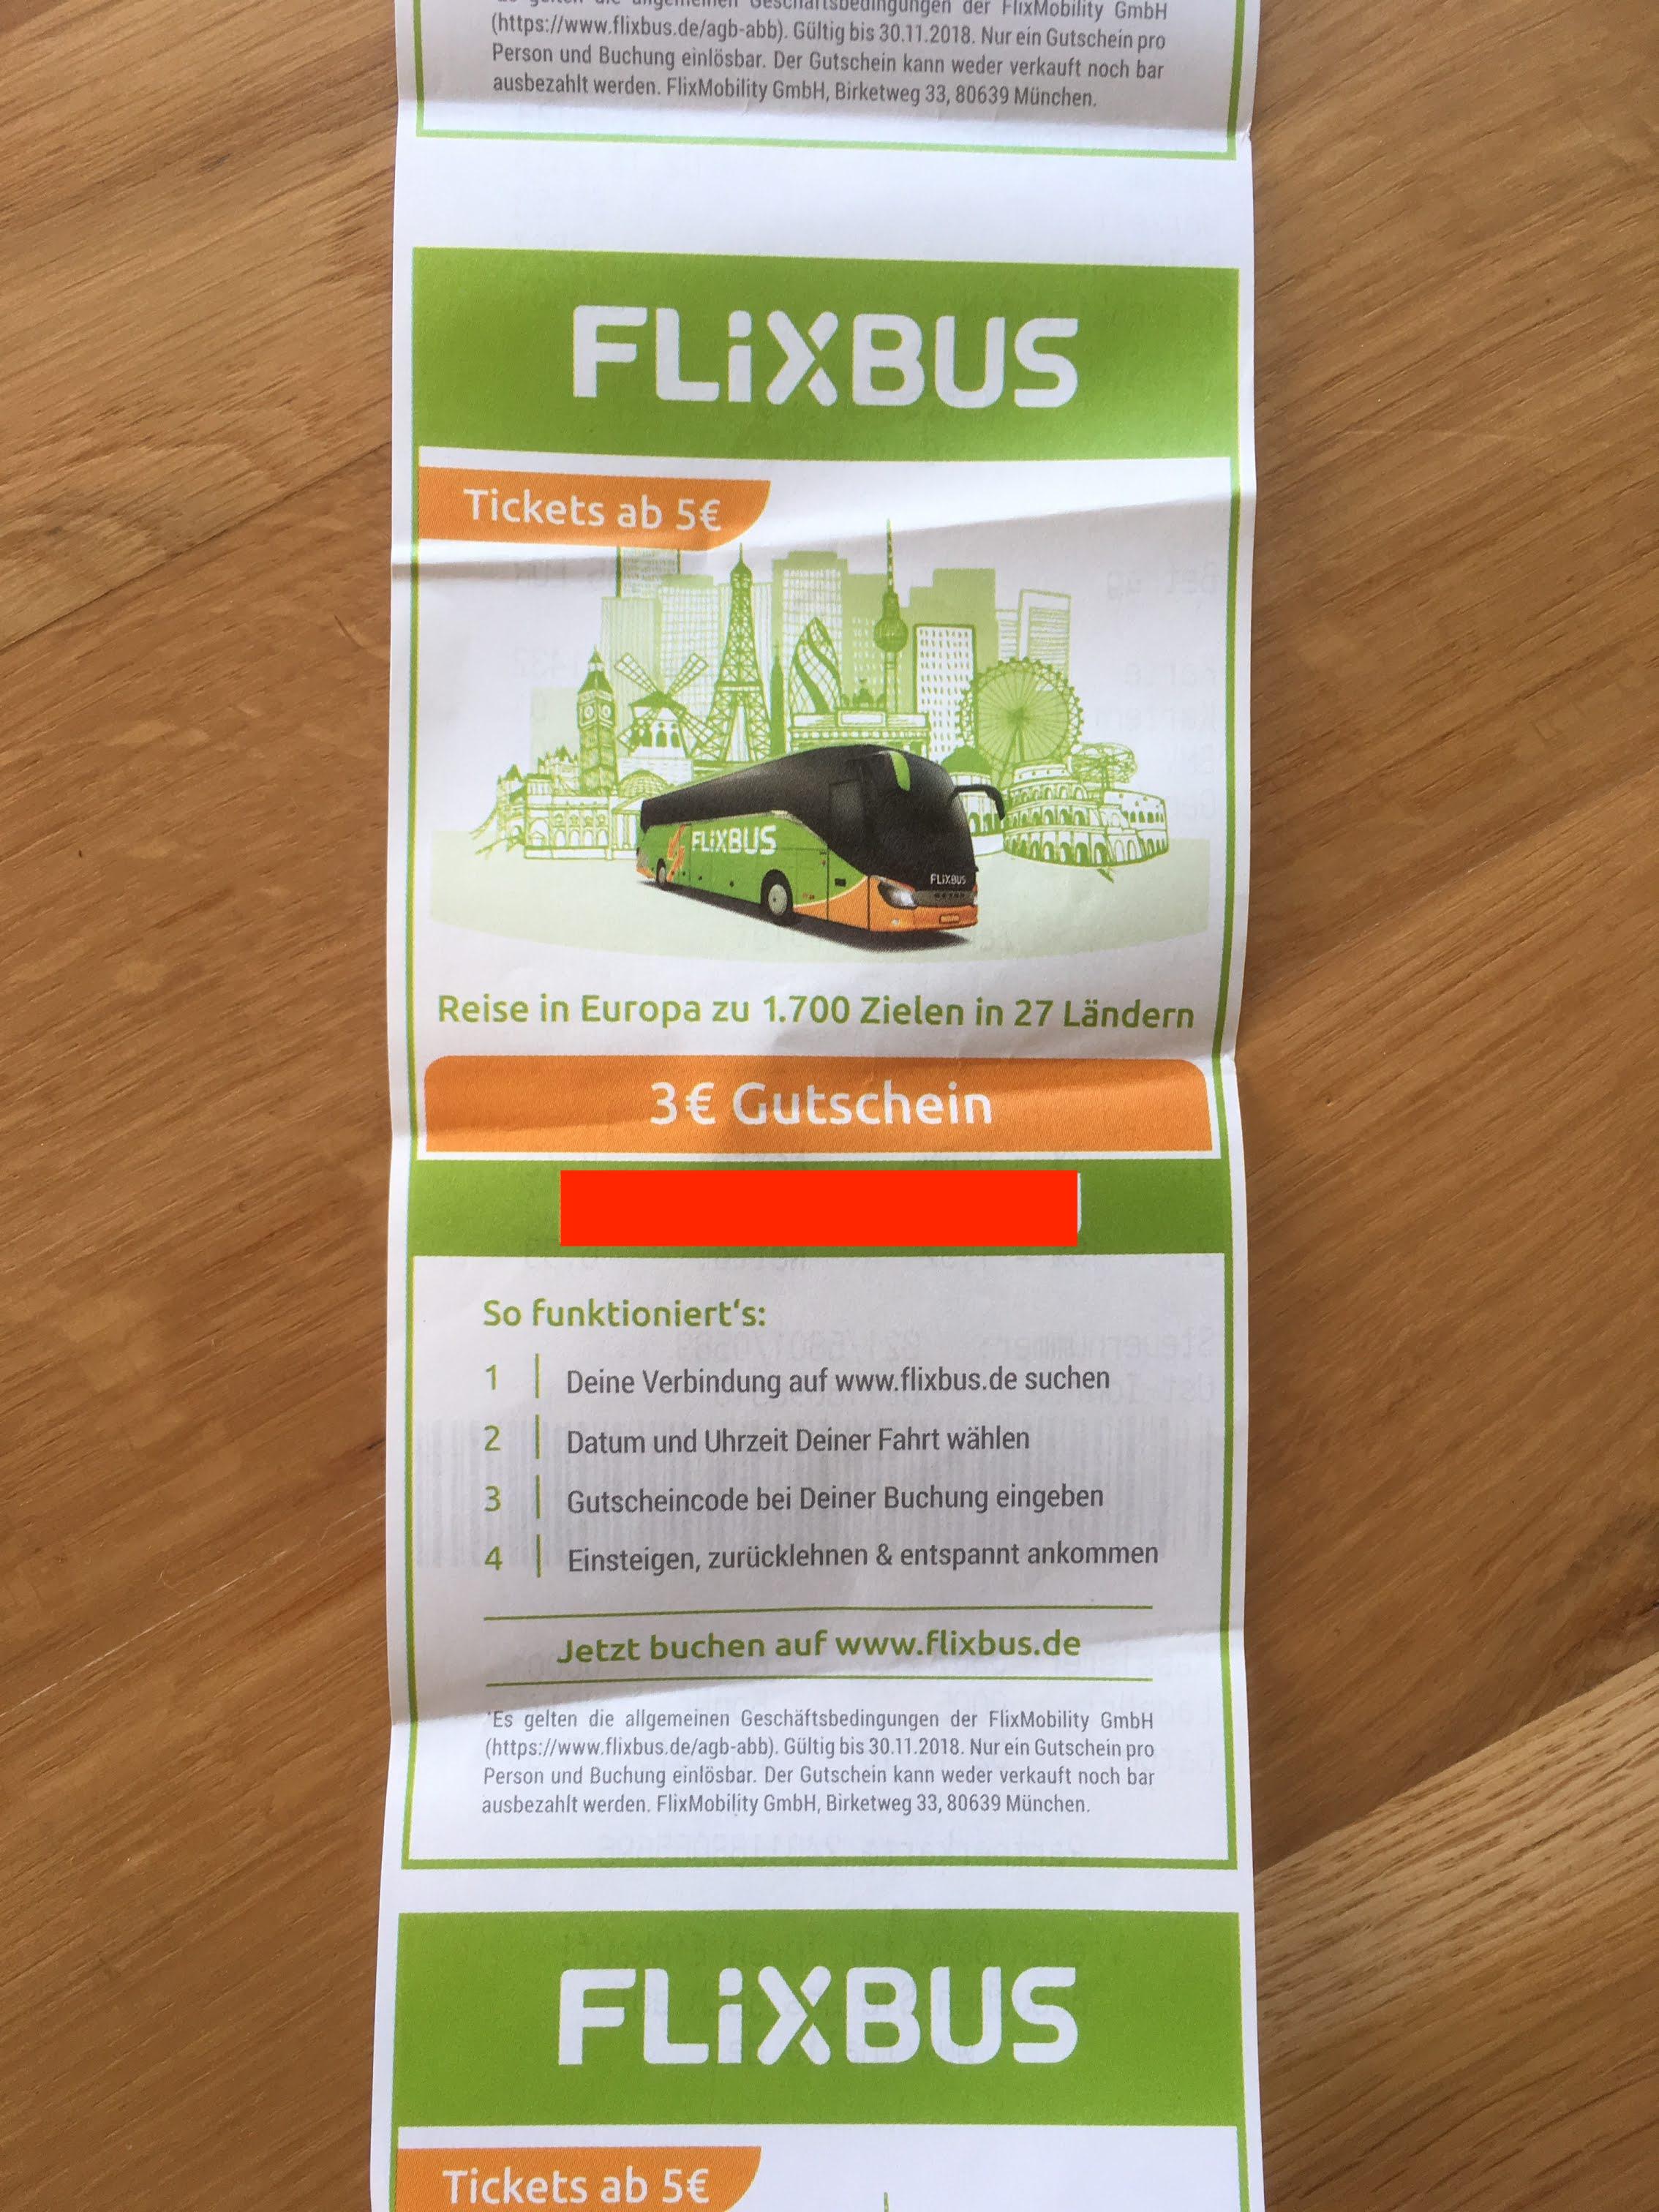 [LOKAL] 3€ Flixbus-Gutschein auf Beleg von Thalia